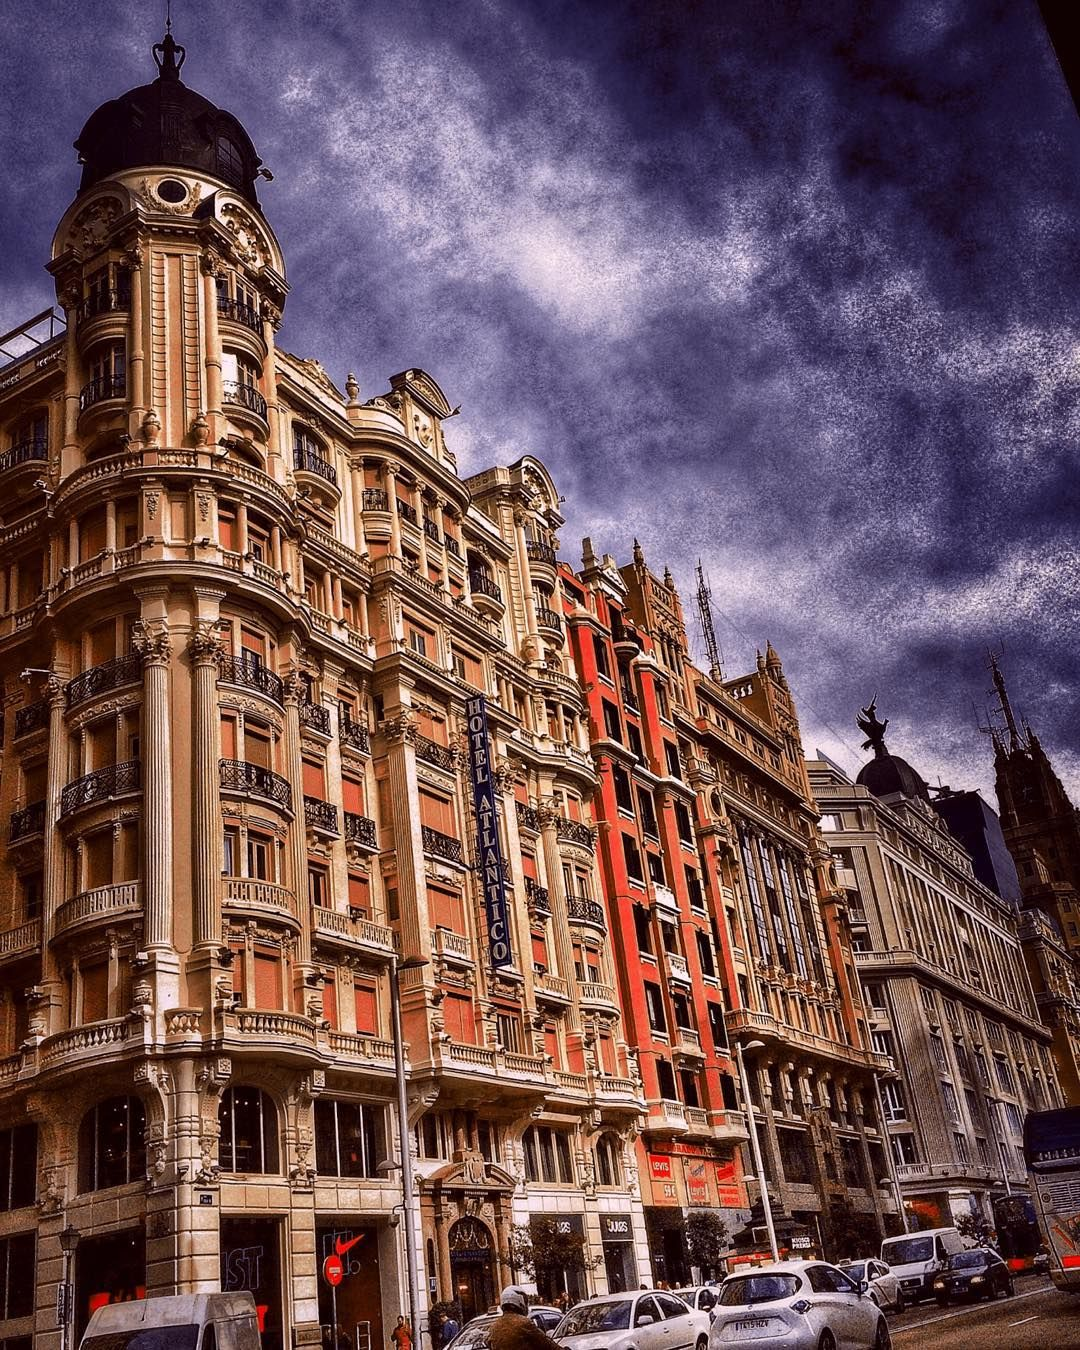 En el corazón de la ciudad | At the heart of the city.  Gran Vía Madrid #mobilephotography #madrid #architecture